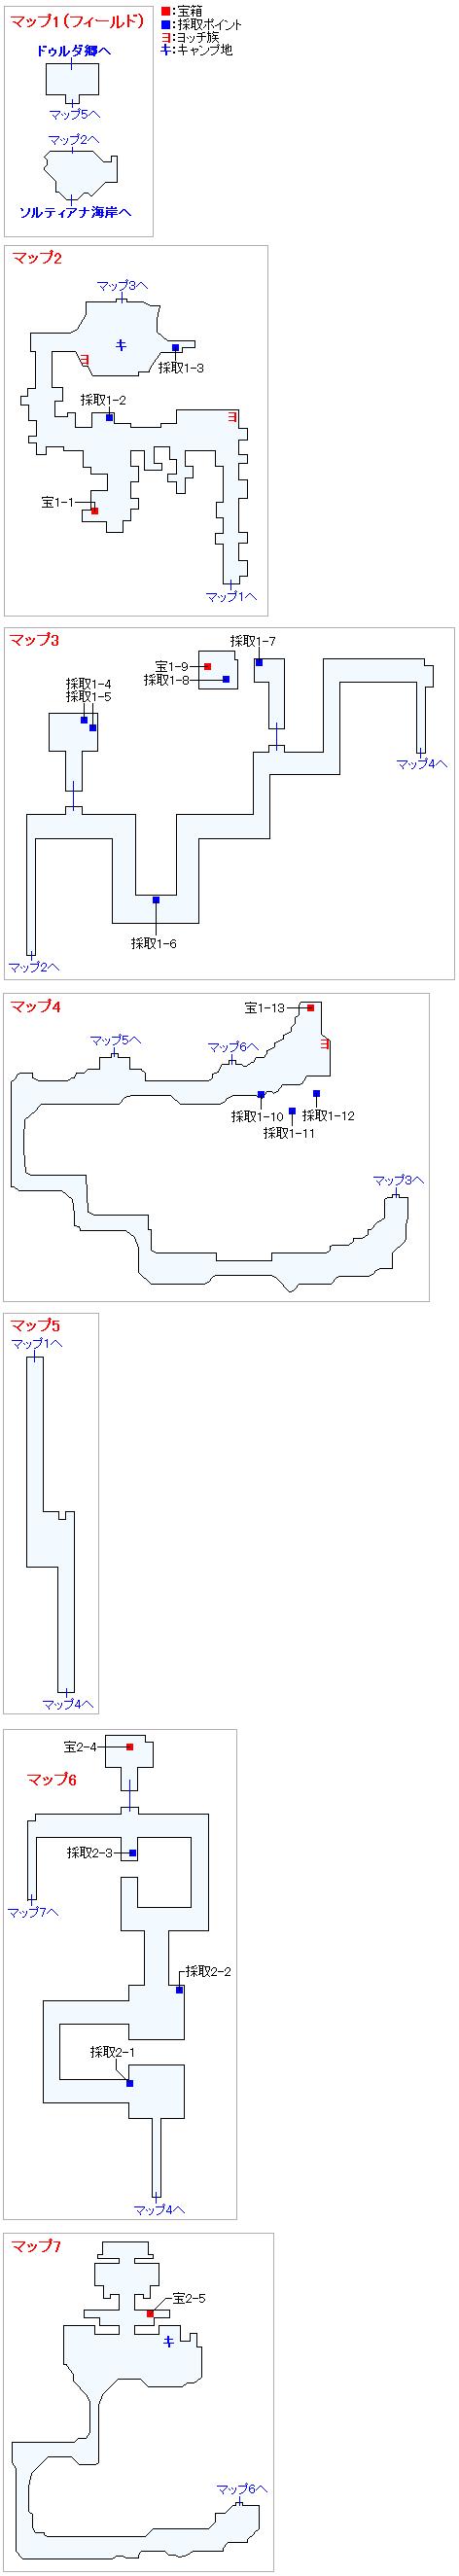 ドゥーランダ山(2Dモード)のマップ画像